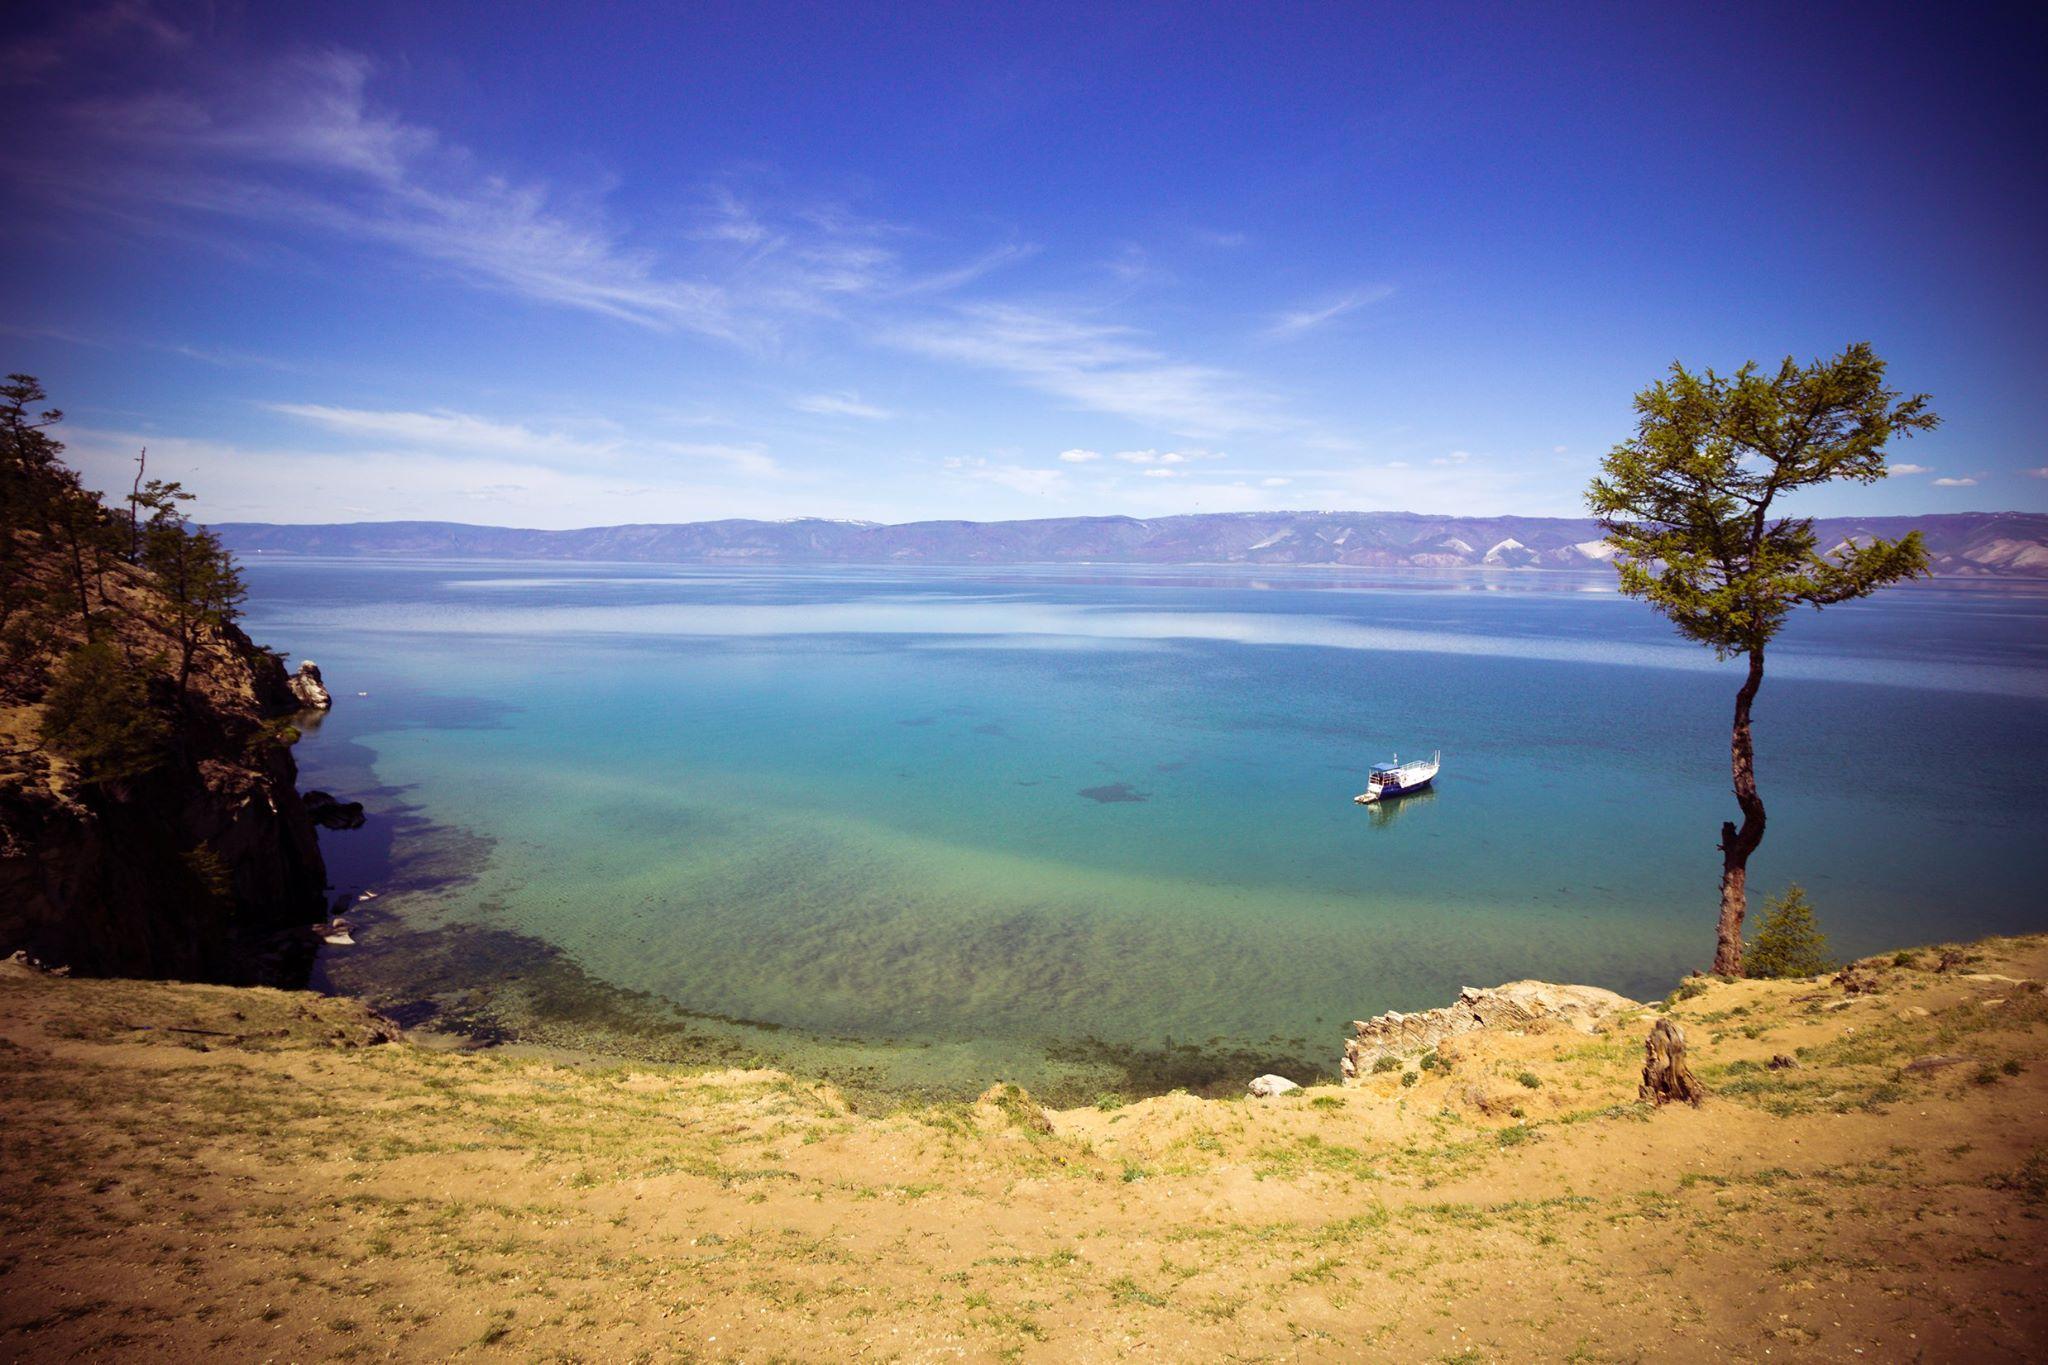 O lago e seus arredores hospedam espécies animais que não podem ser encontradas em outras partes do mundo, e, desde 1996, o Baikal figura entre os lugares da lista de Patrimônio Mundial da Unesco.